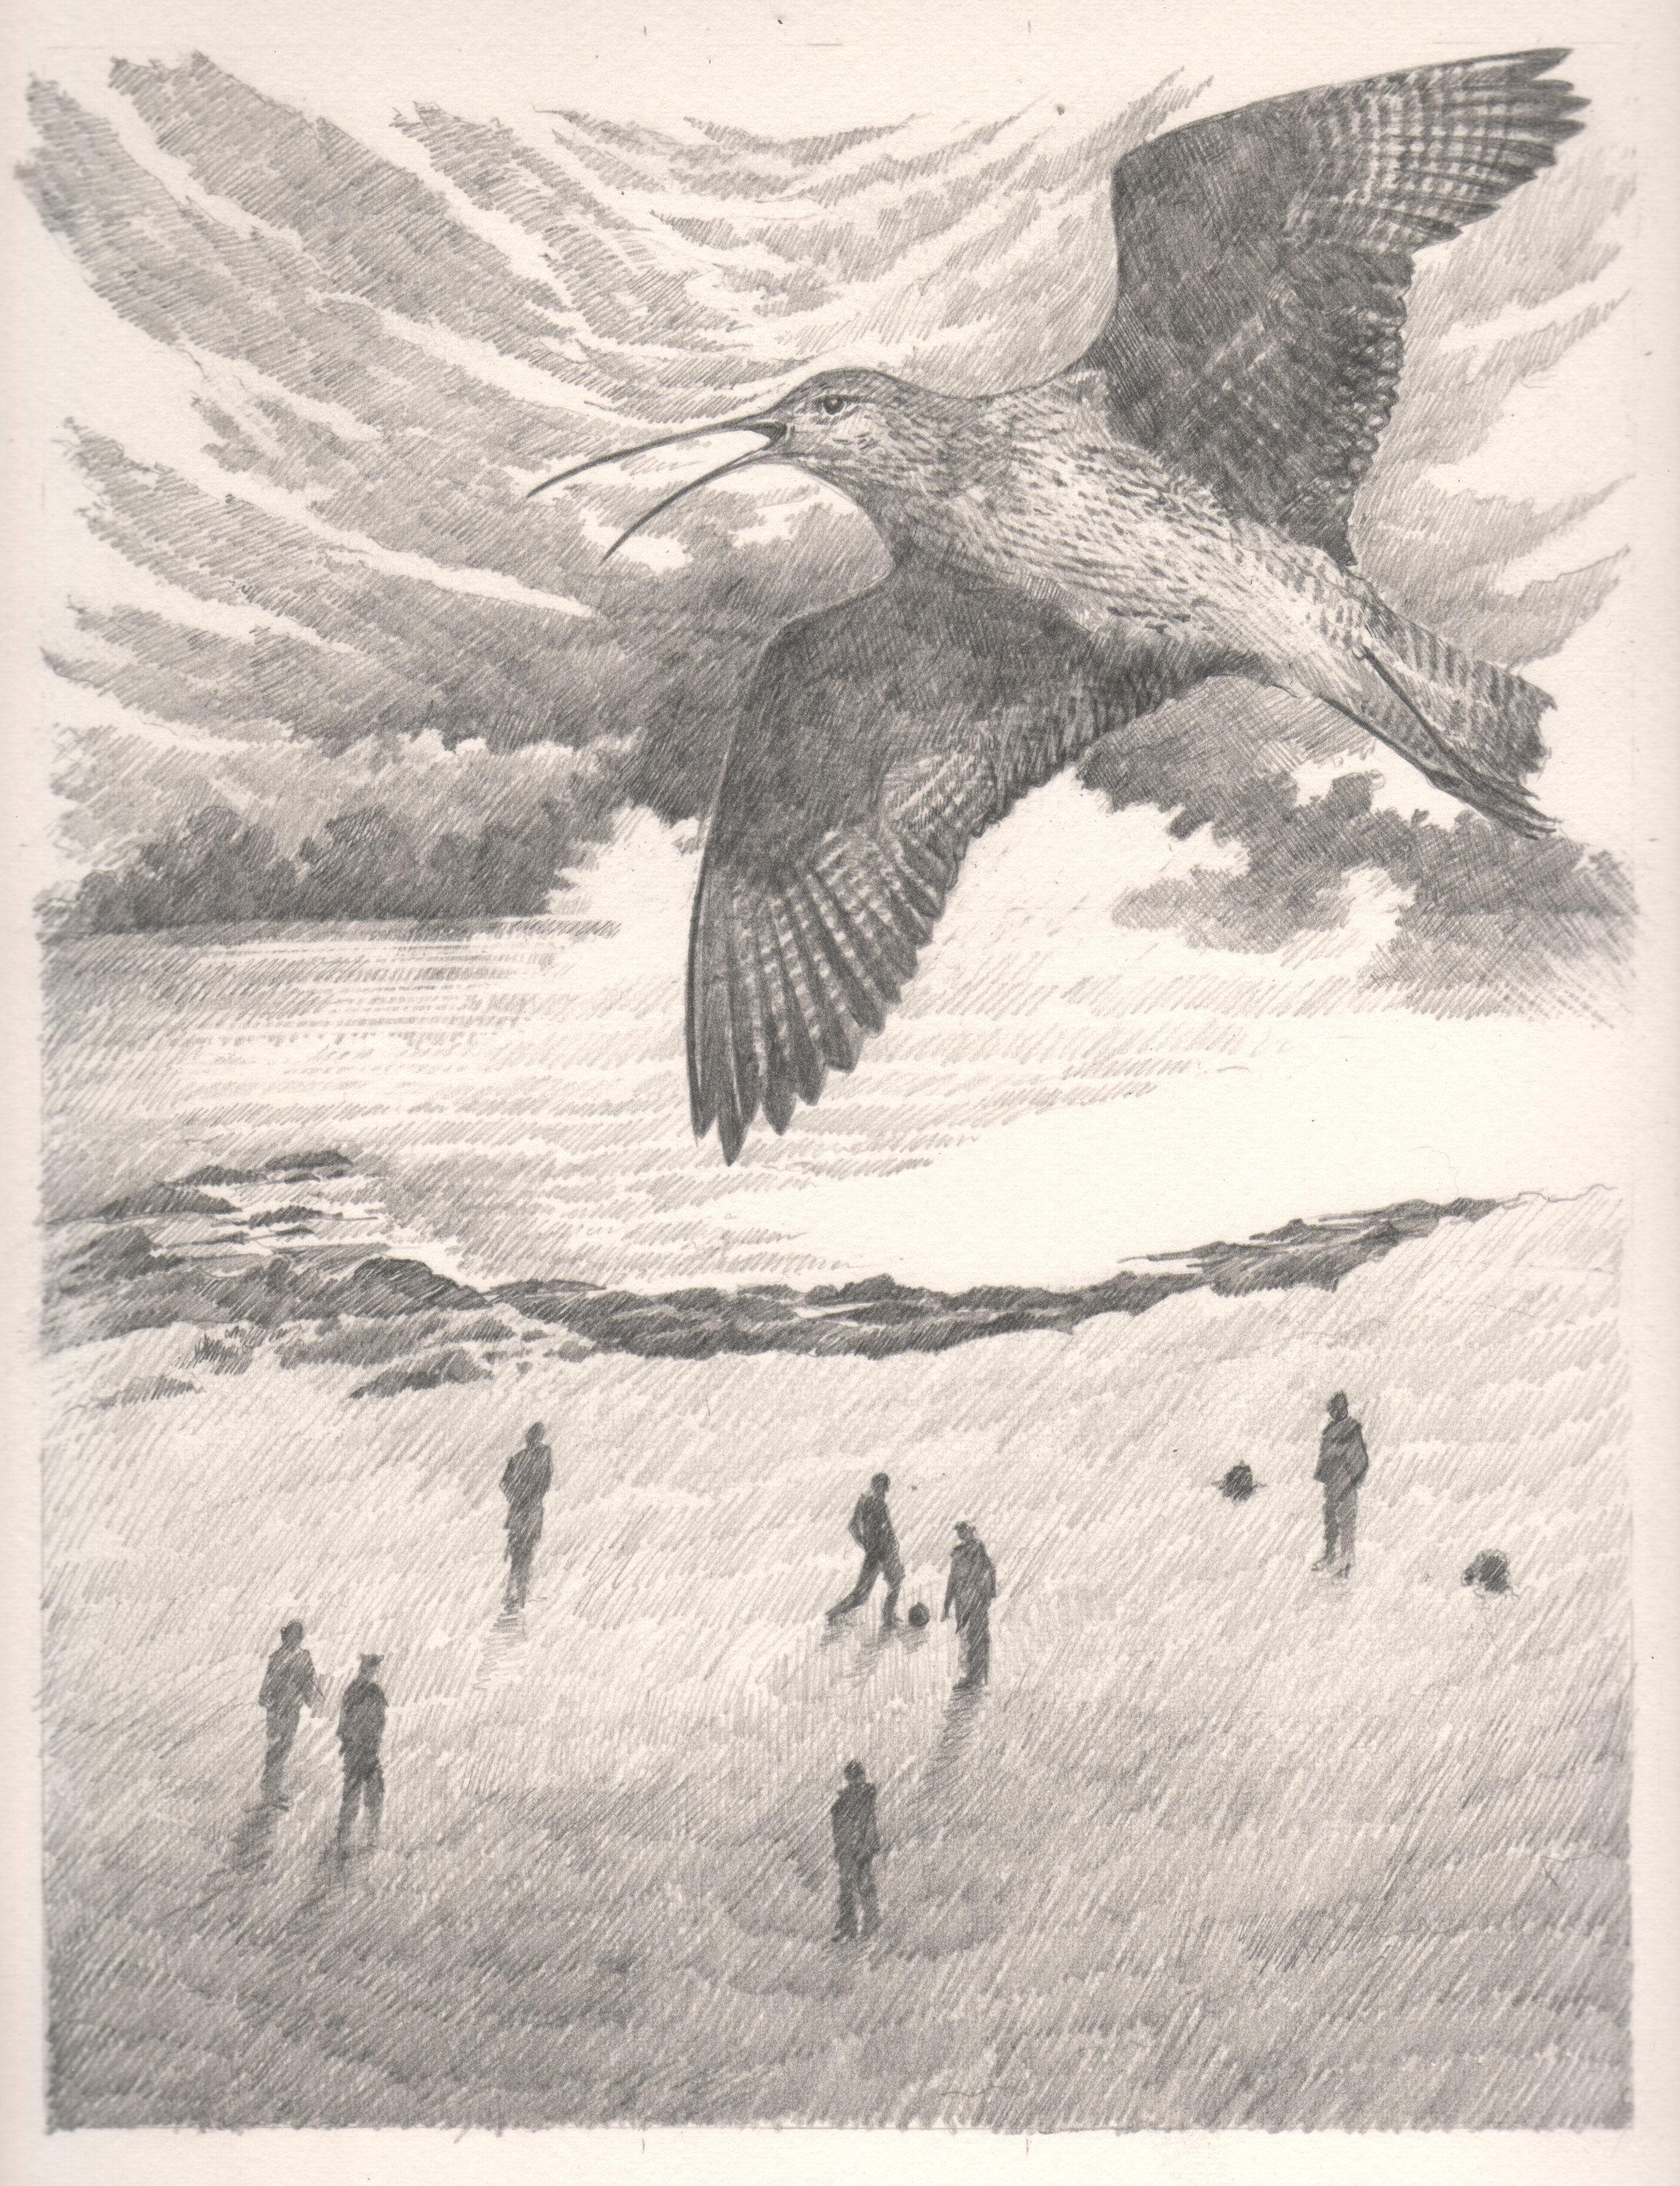 Rathadh An Iseainn (The Bird's Road)